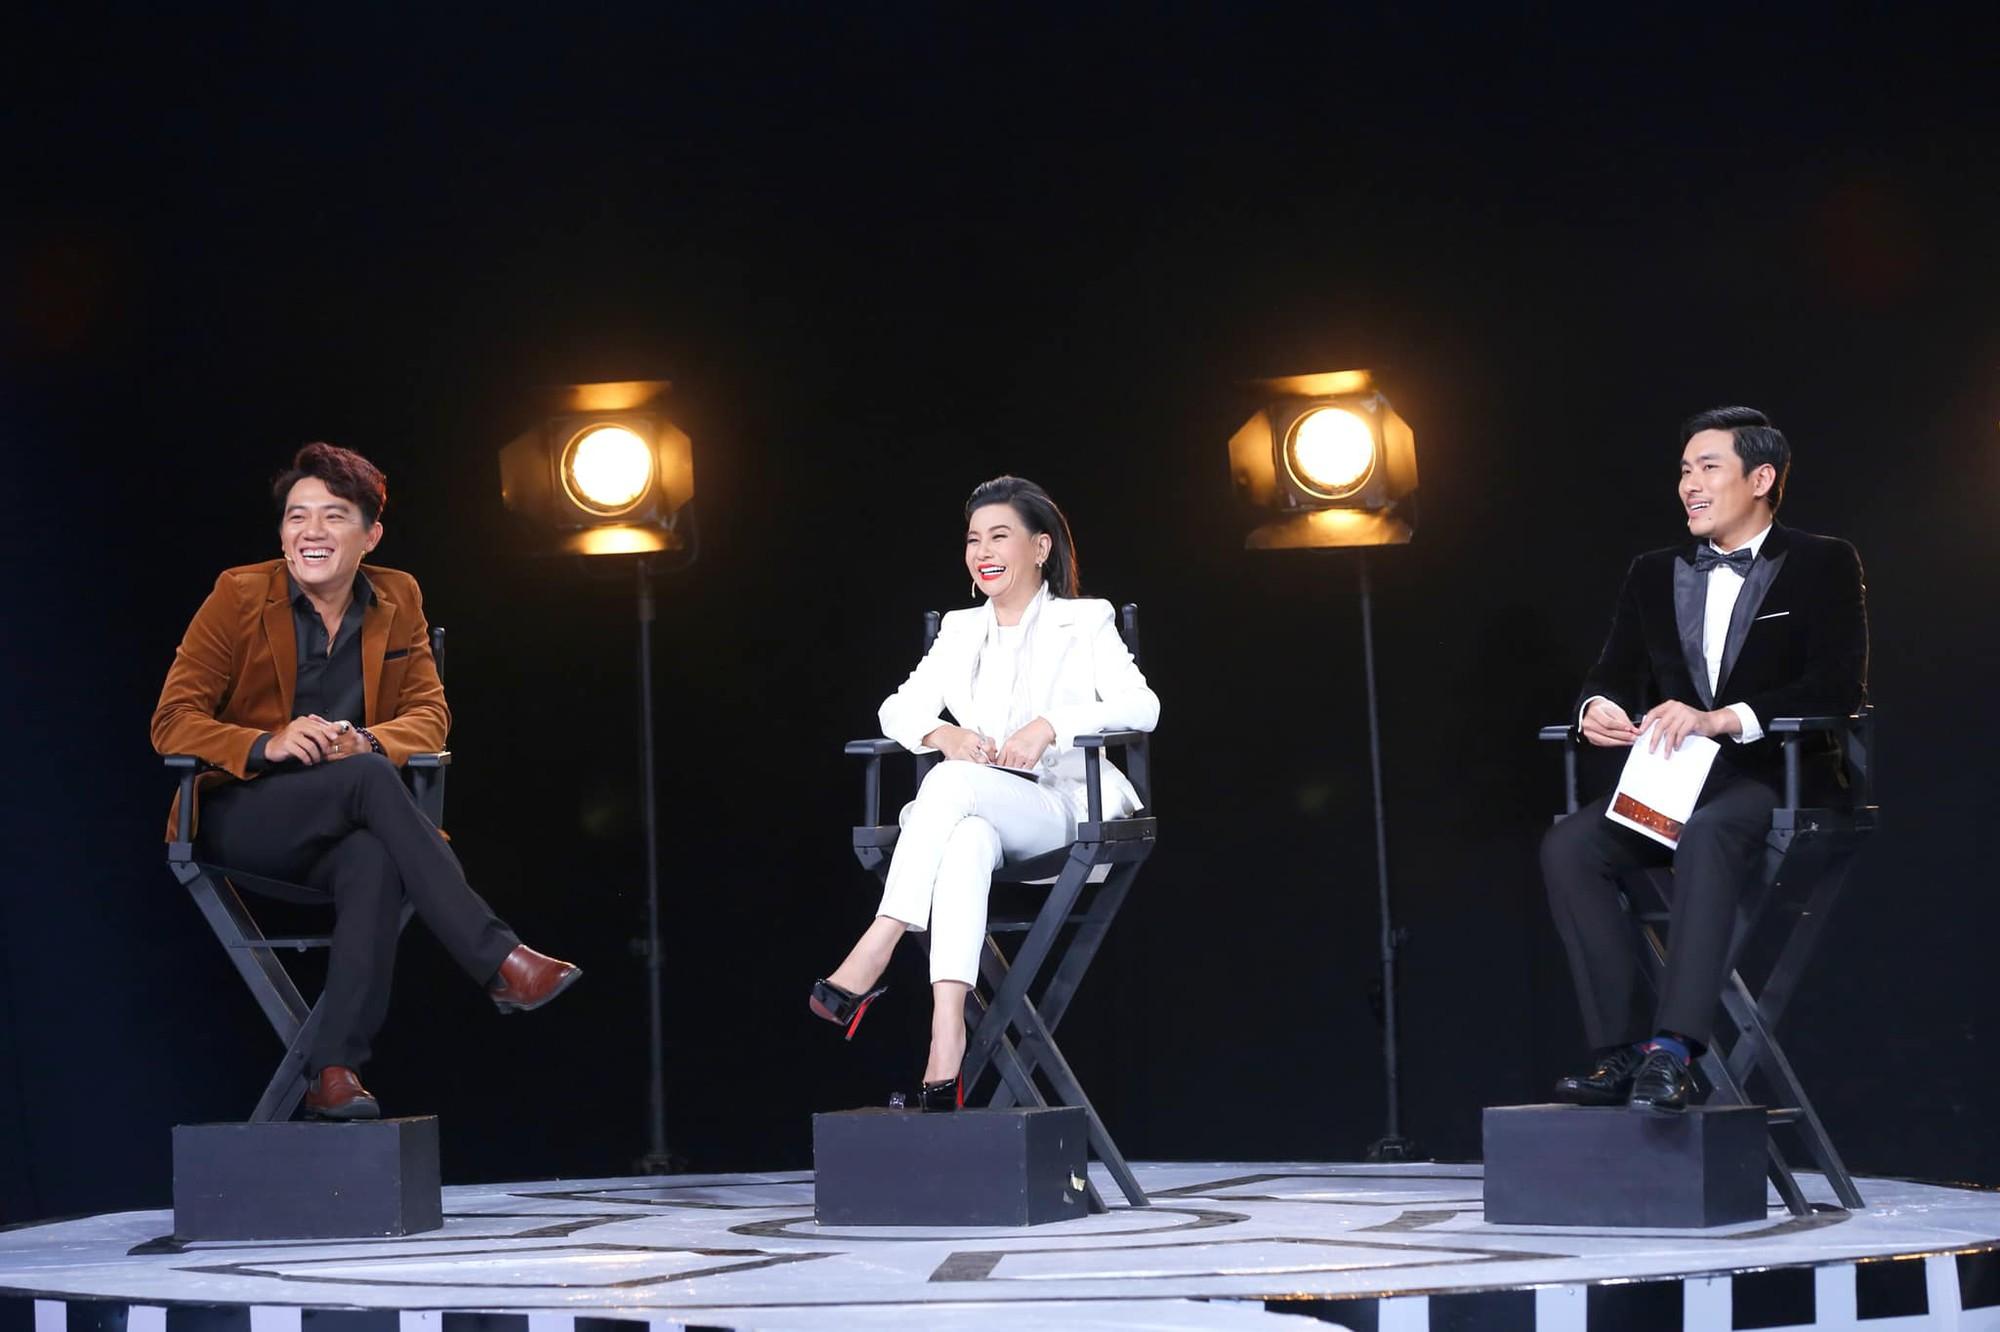 BTC Gương mặt điện ảnh 2019 nói gì về việc mời Cát Phượng - Kiều Minh Tuấn làm giám khảo giữa làn sóng tẩy chay? - Ảnh 2.